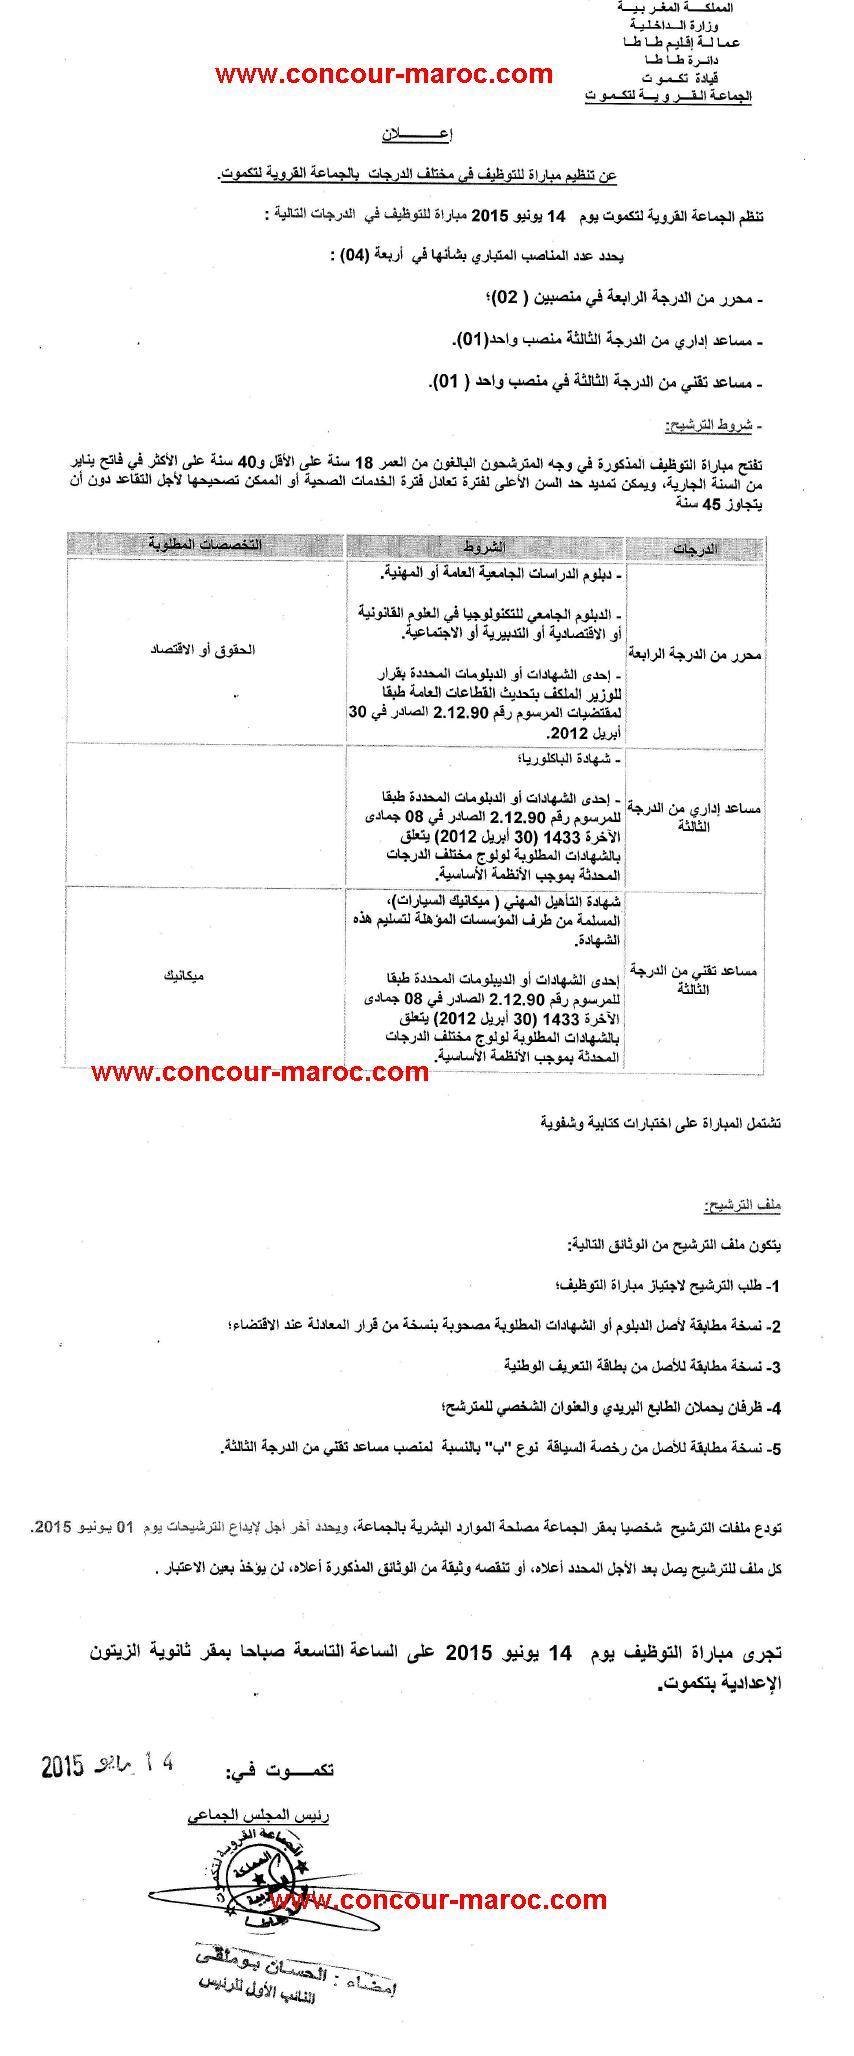 جماعة تكموت (إقليم طاطا) : مباراة لتوظيف محرر من الدرجة الرابعة (2 منصبان) و مساعد تقني من الدرجة الثالثة (1 منصب) و مساعد إداري من الدرجة الثالثة (1 منصب) آخر أجل لإيداع الترشيحات 1 يونيو 2015 Conco154